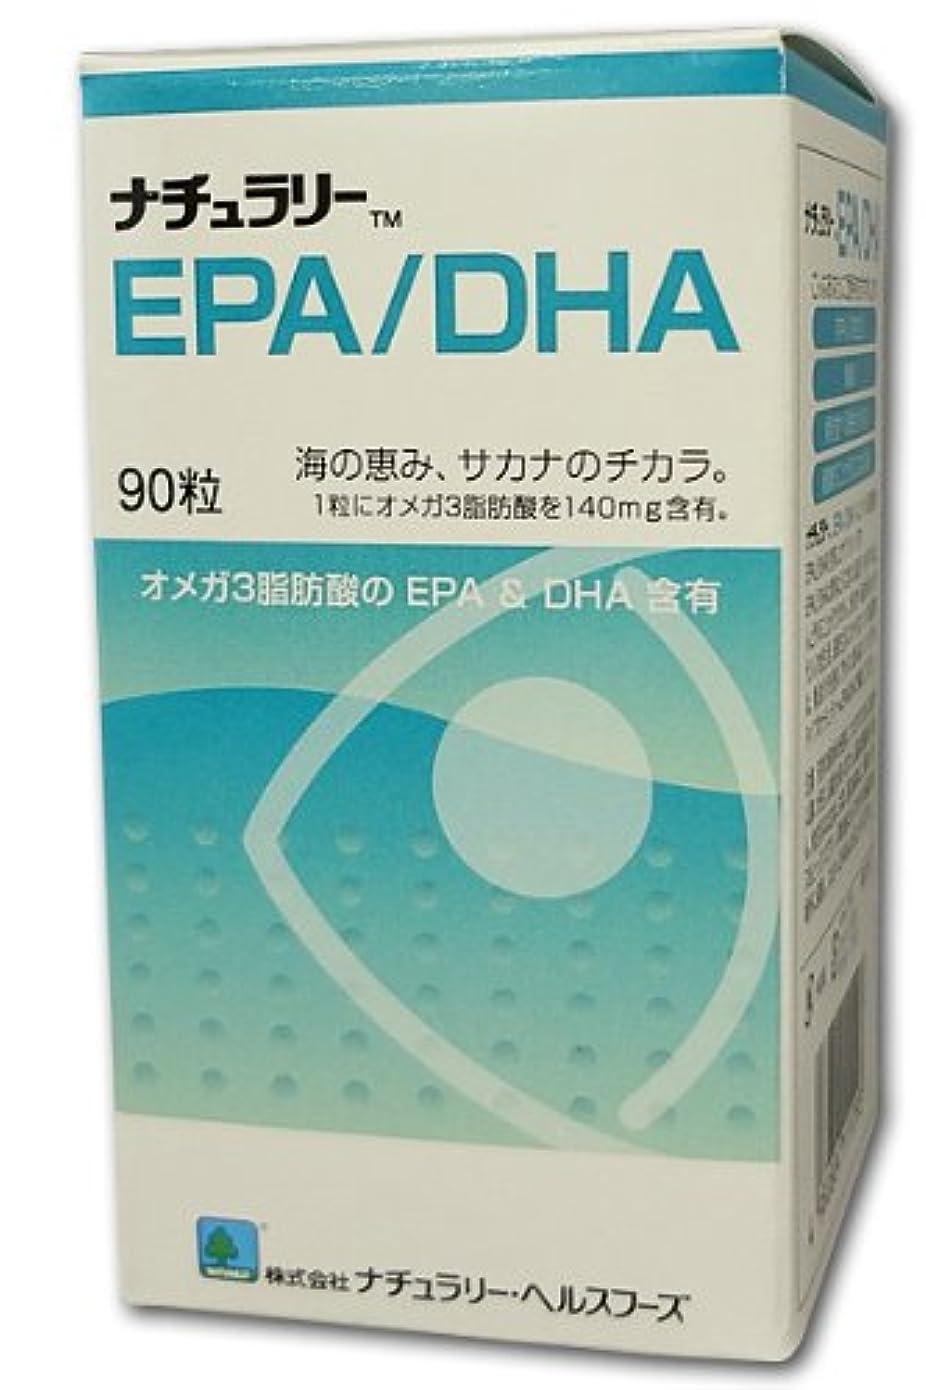 カイウス攻撃的吹きさらしナチュラリー EPA/DHA 90粒